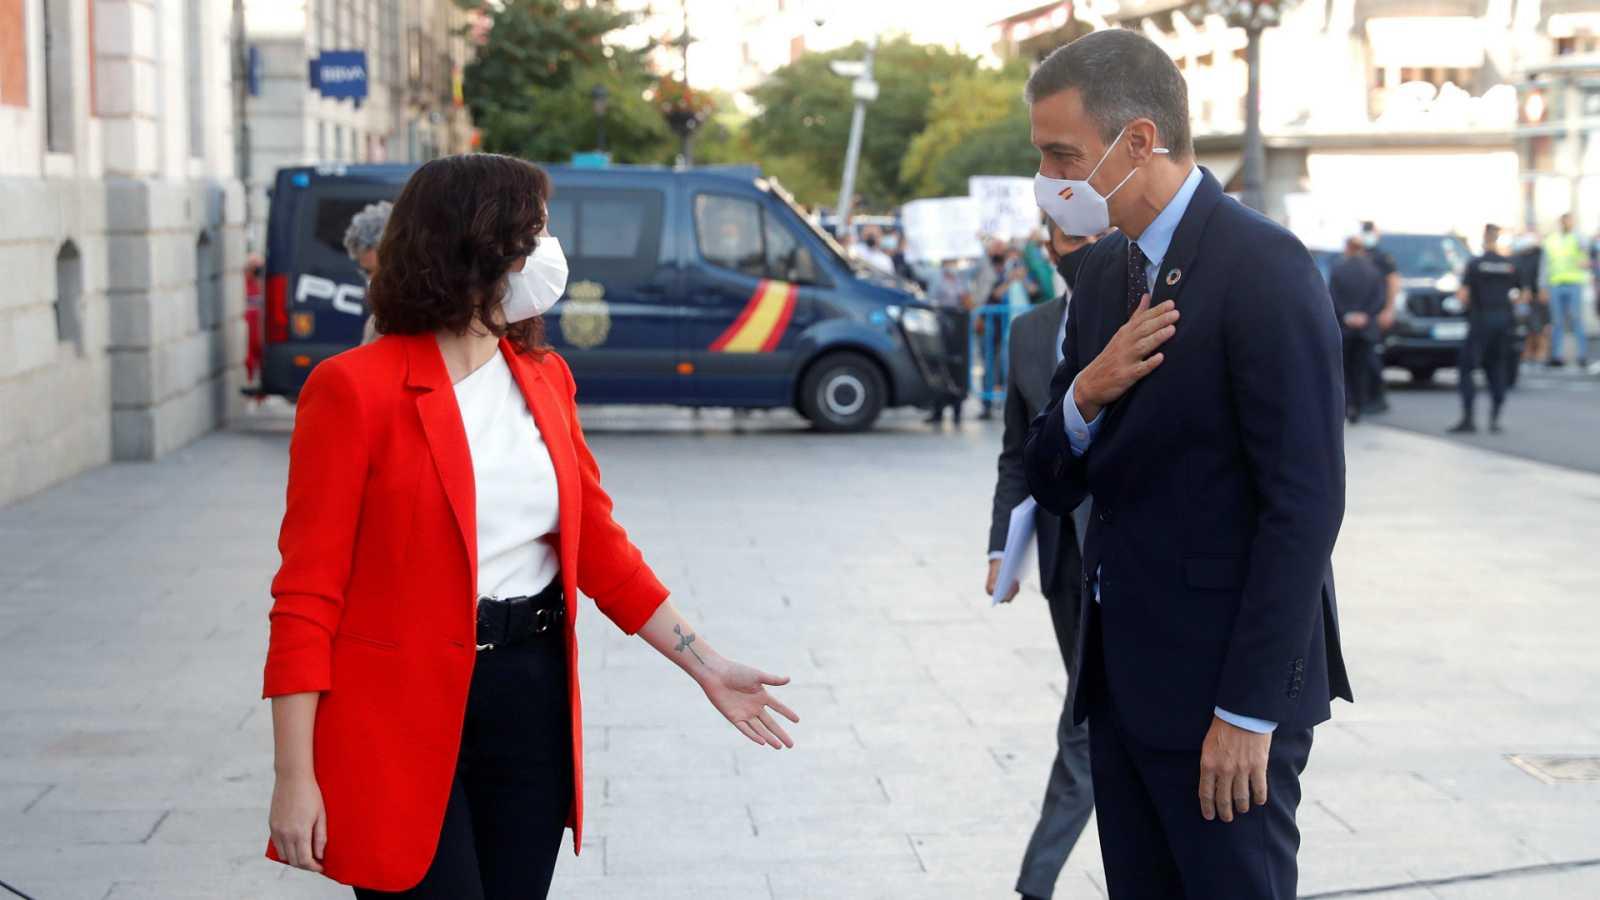 14 horas - Sánchez y Ayuso escenifican una tregua con la creación de un grupo de cooperación que se limitará a hacer recomendaciones - Escuchar ahora